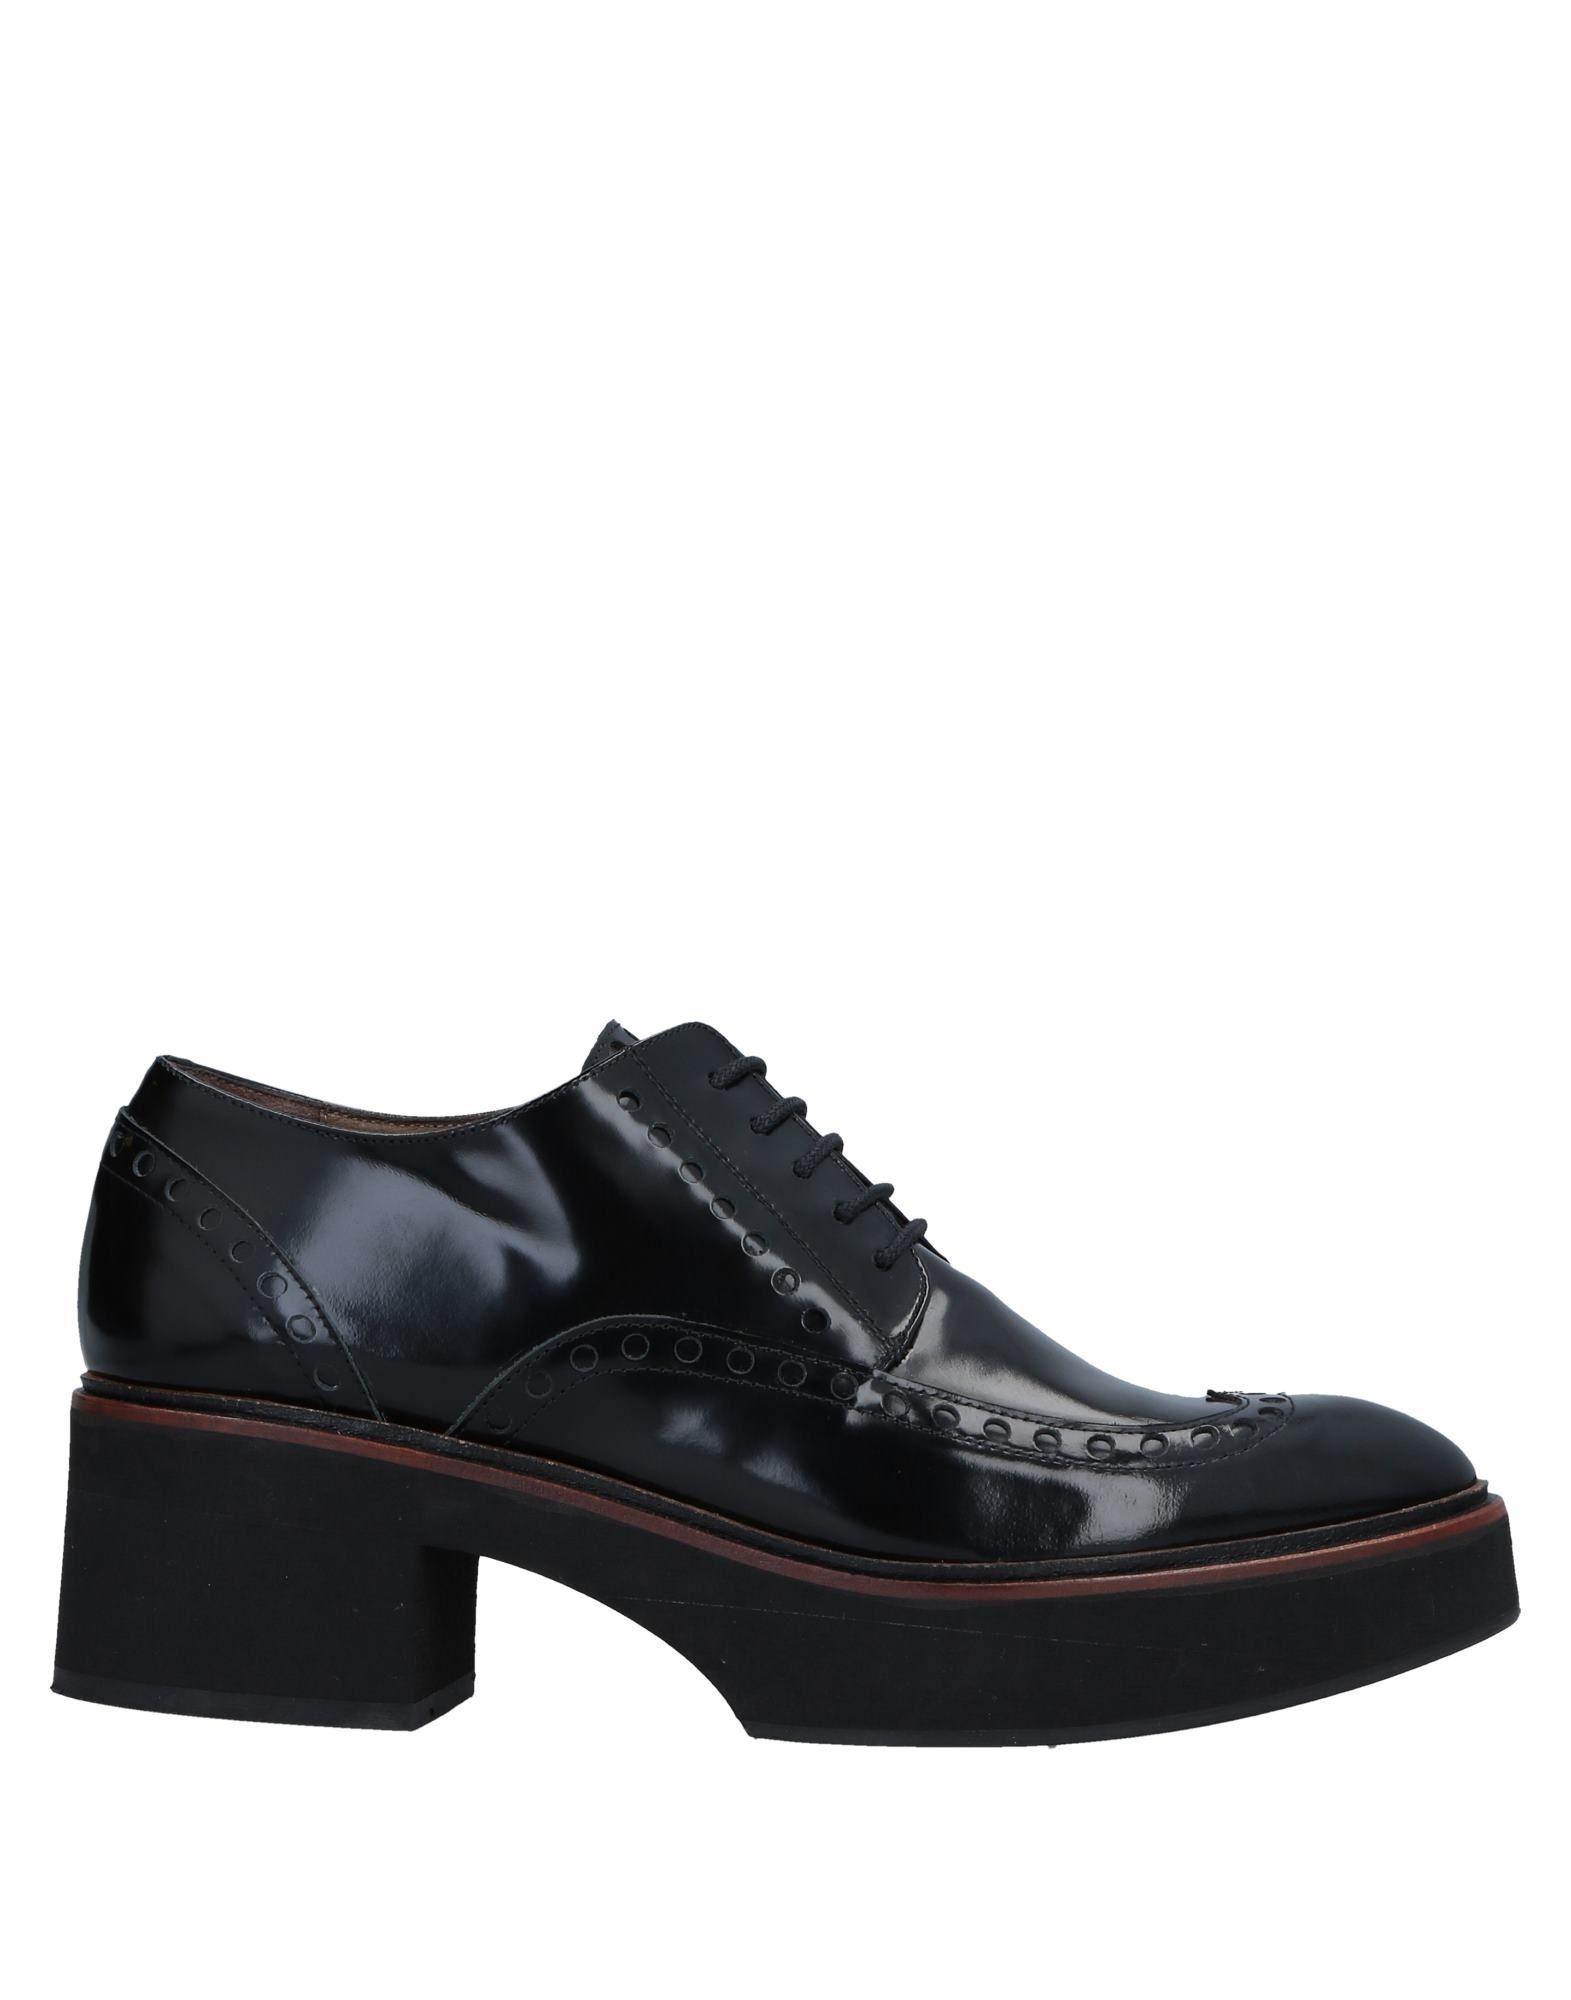 Gut um Schnürschuhe billige Schuhe zu tragenZinda Schnürschuhe um Damen  11541646FP 1abf07